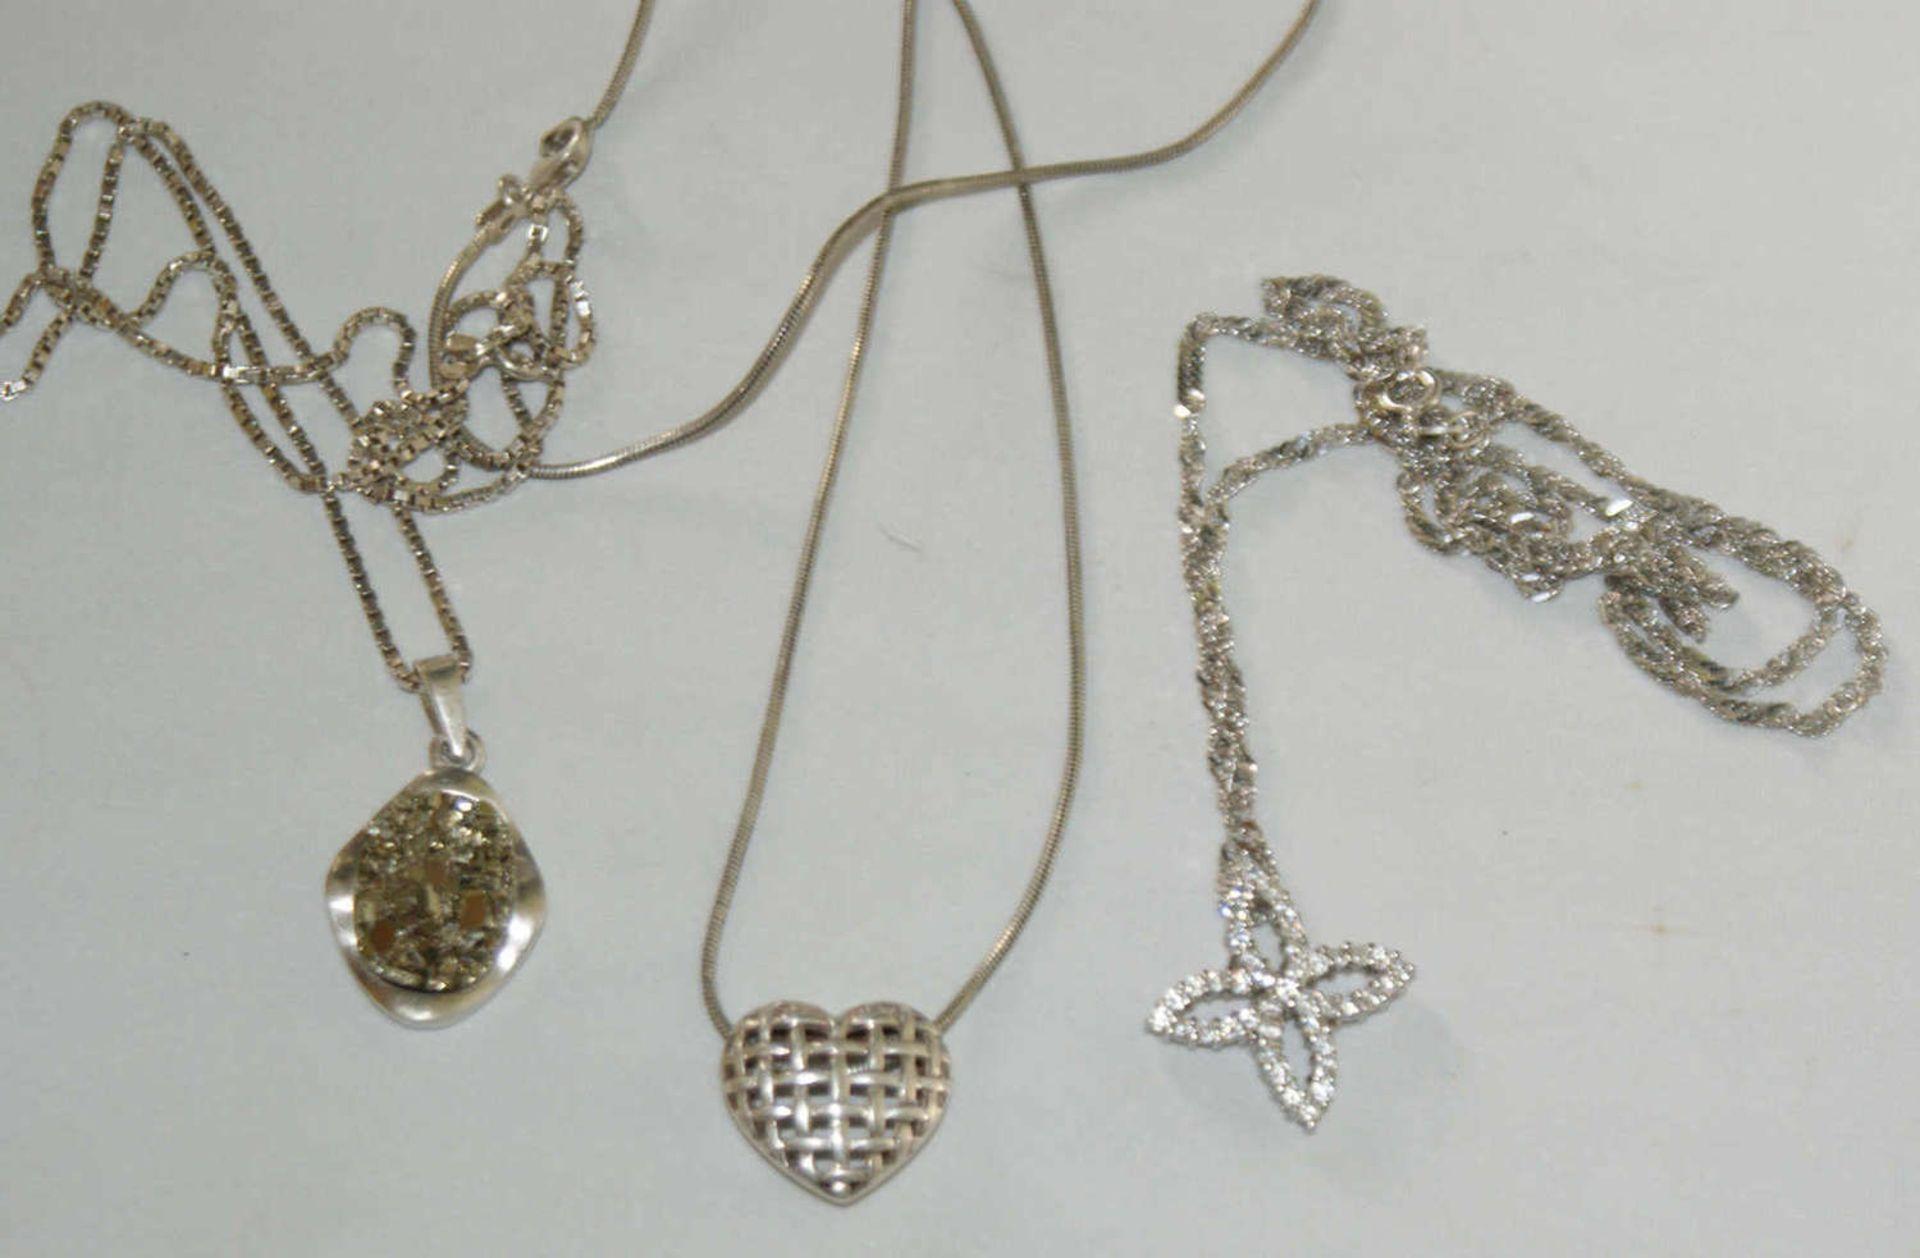 3 Silberketten mit Anhänger, verschiedene Modelle.